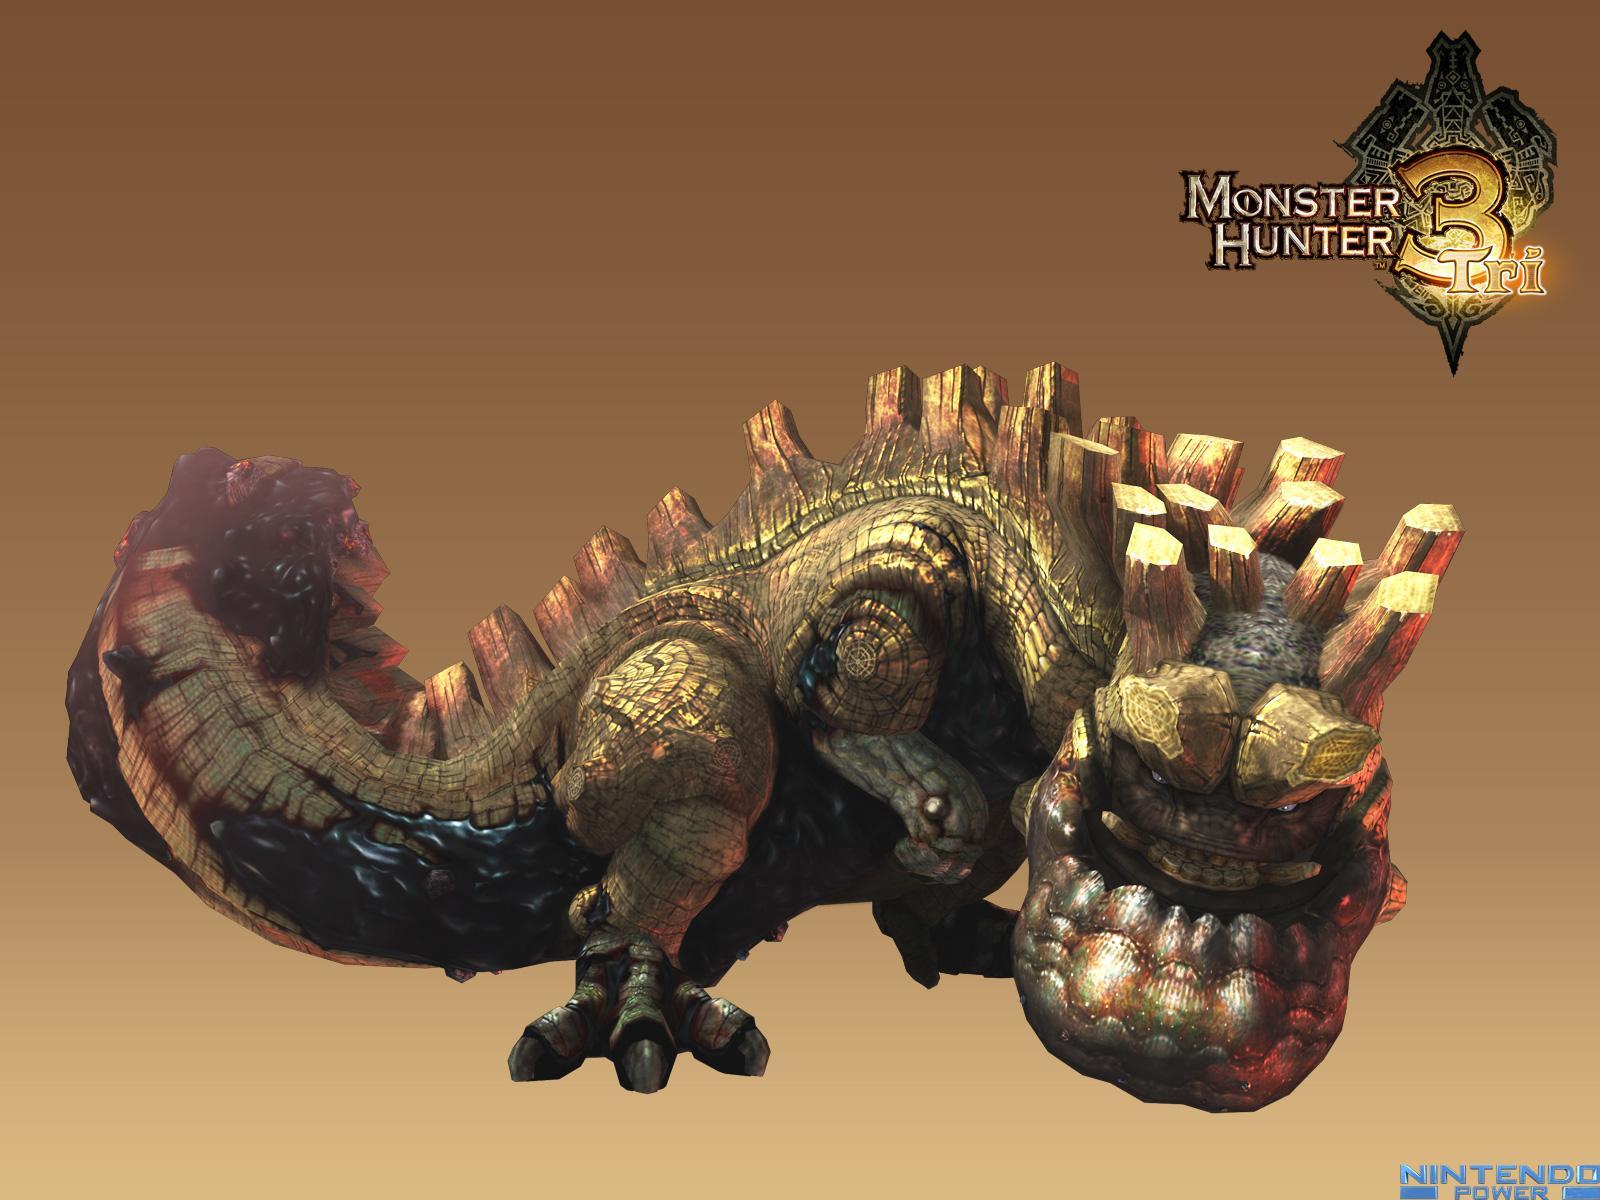 Monster hunter 3 nackt hentia images